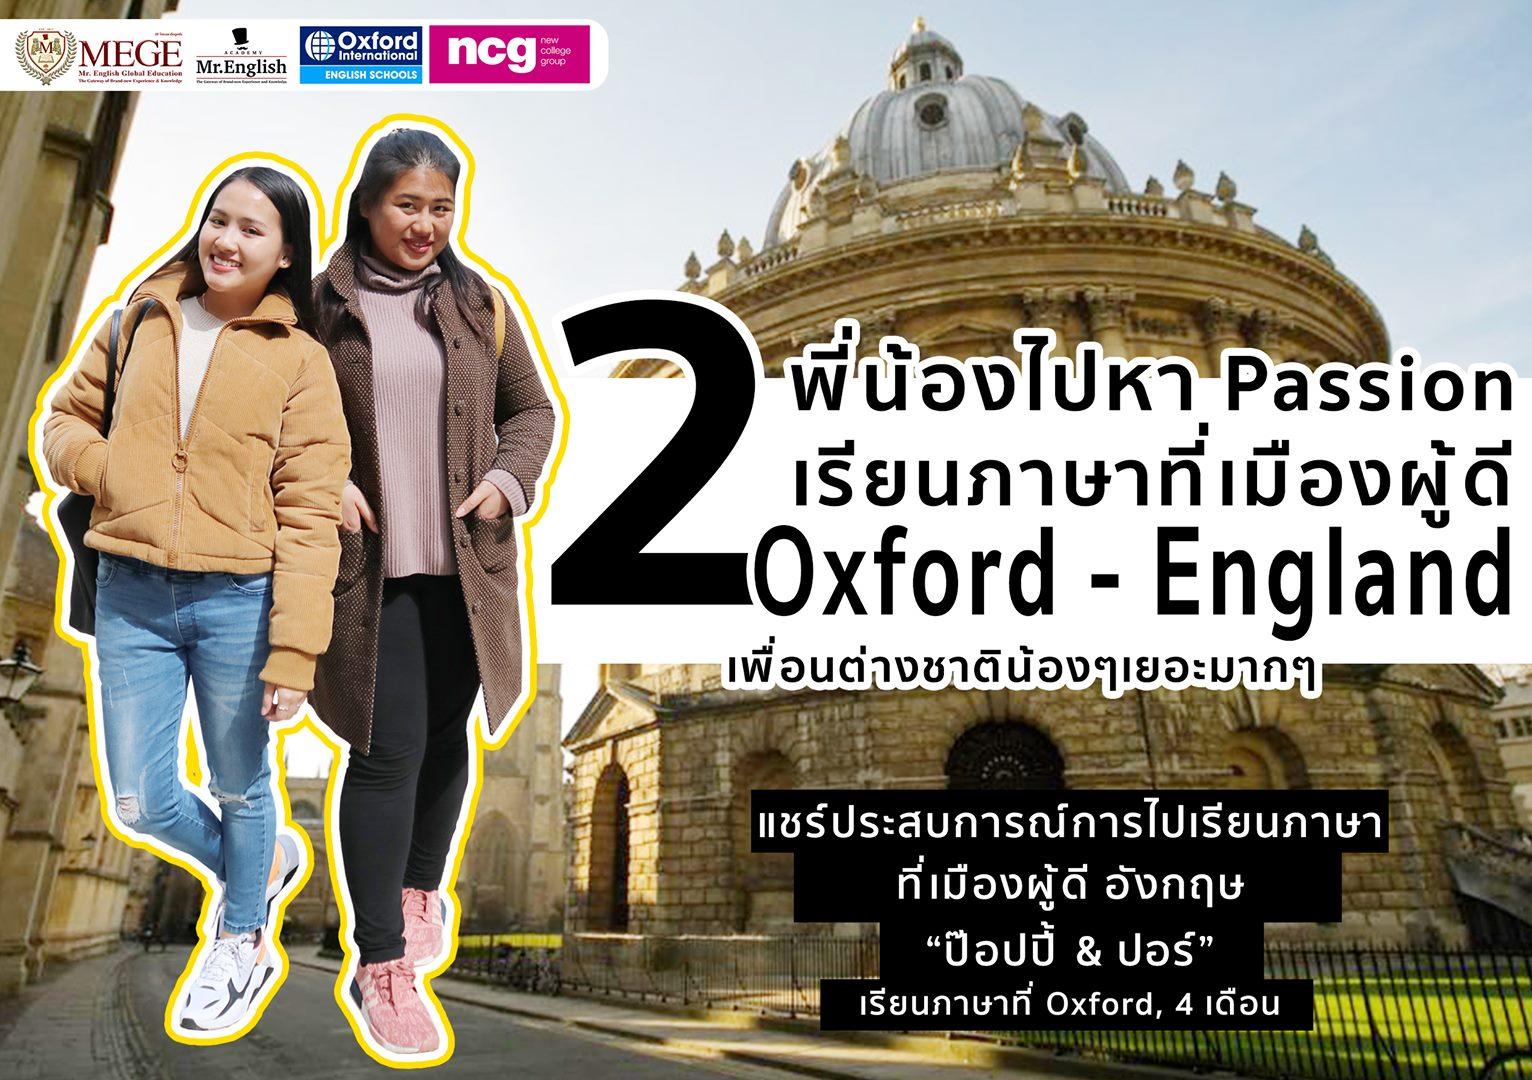 🇬🇧 2 พี่น้องตามฝันที่ Oxford , England 🇬🇧